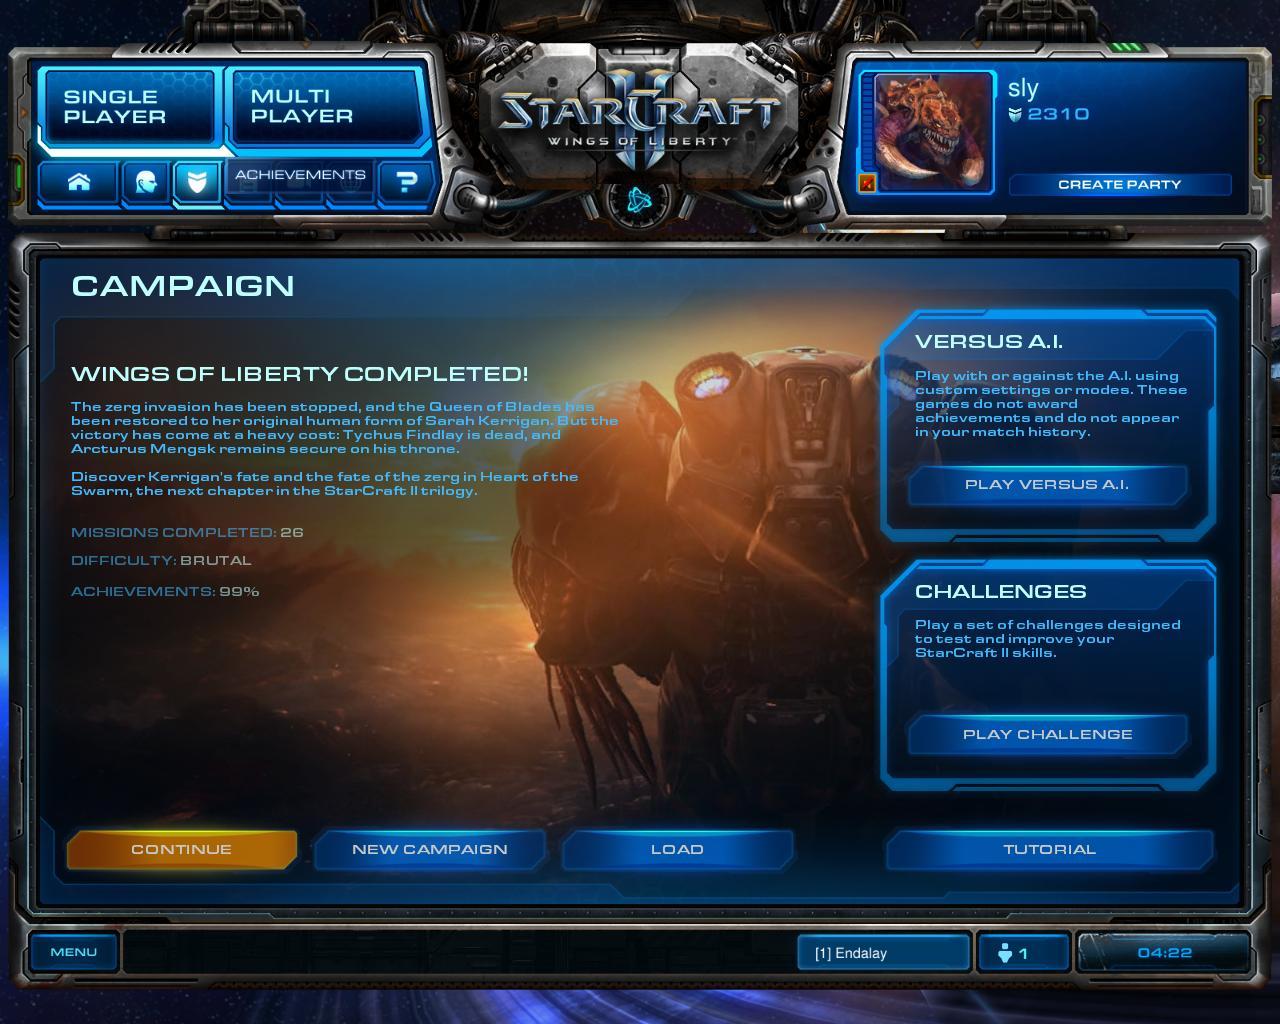 Вступая в игру StarCraft II Wings of Liberty, вы должны осознавать